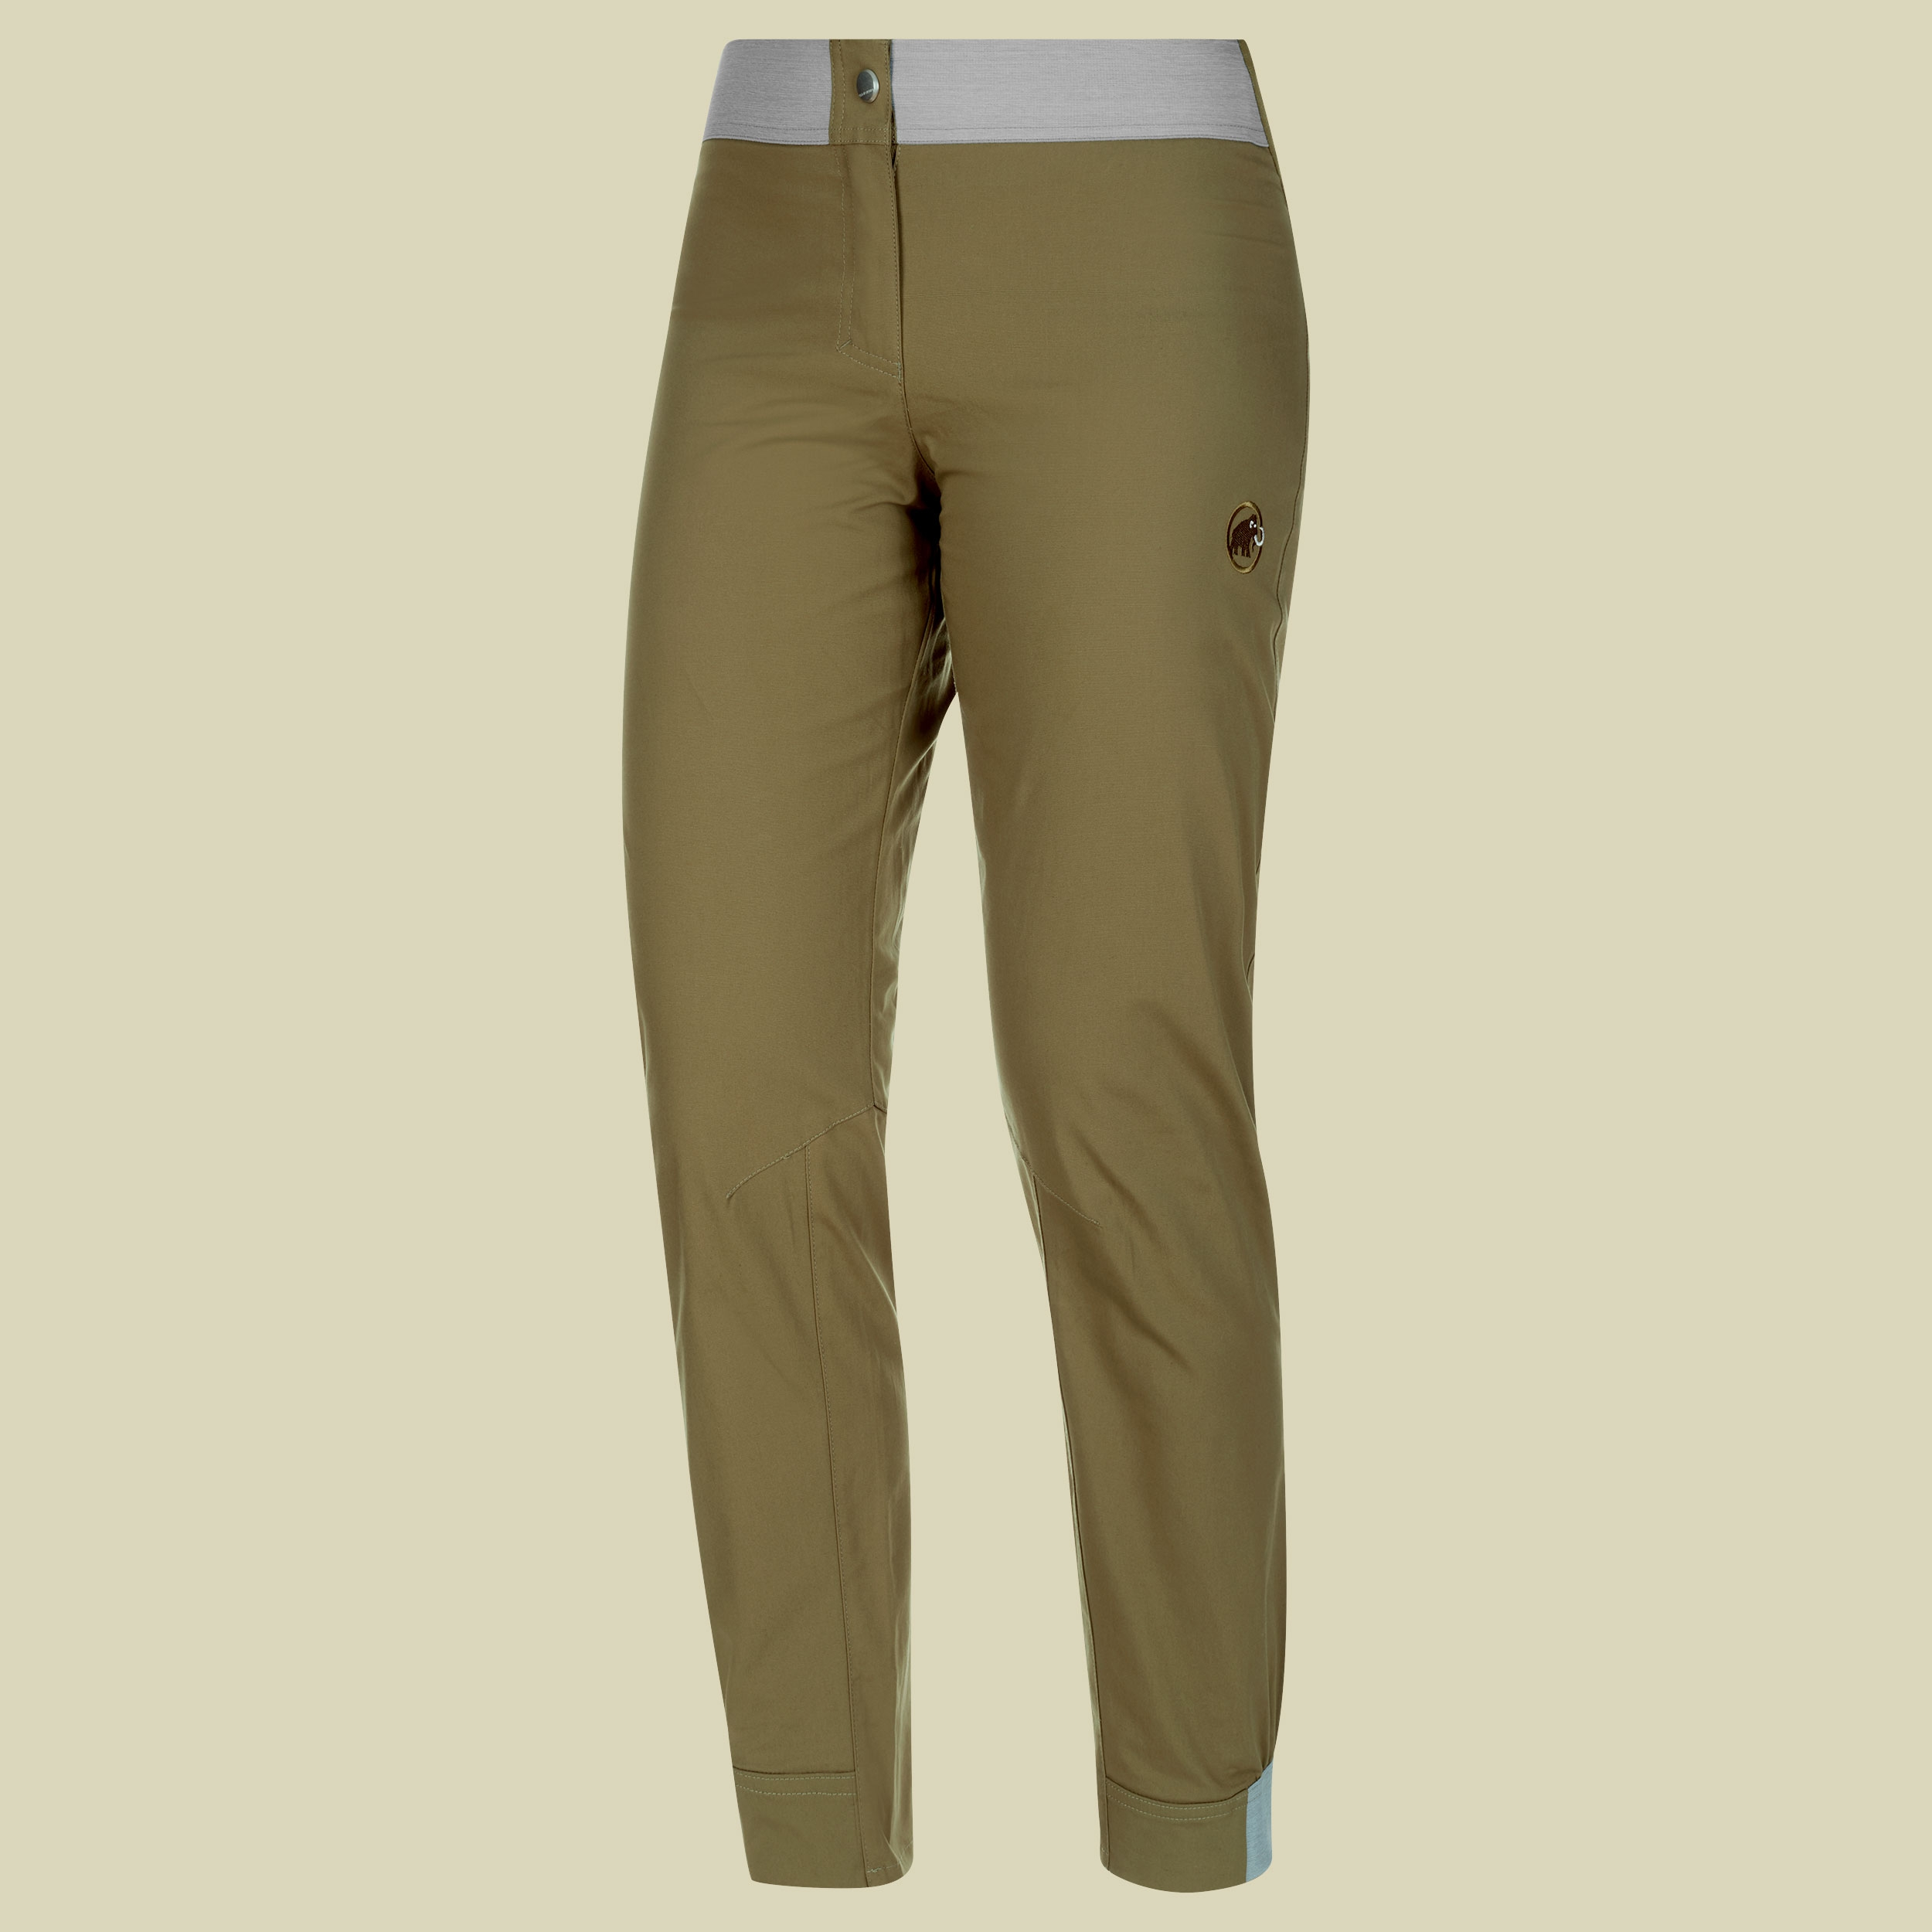 Image of Mammut Alnasca Pants Women Damen Kletterhose Größe 36 olive